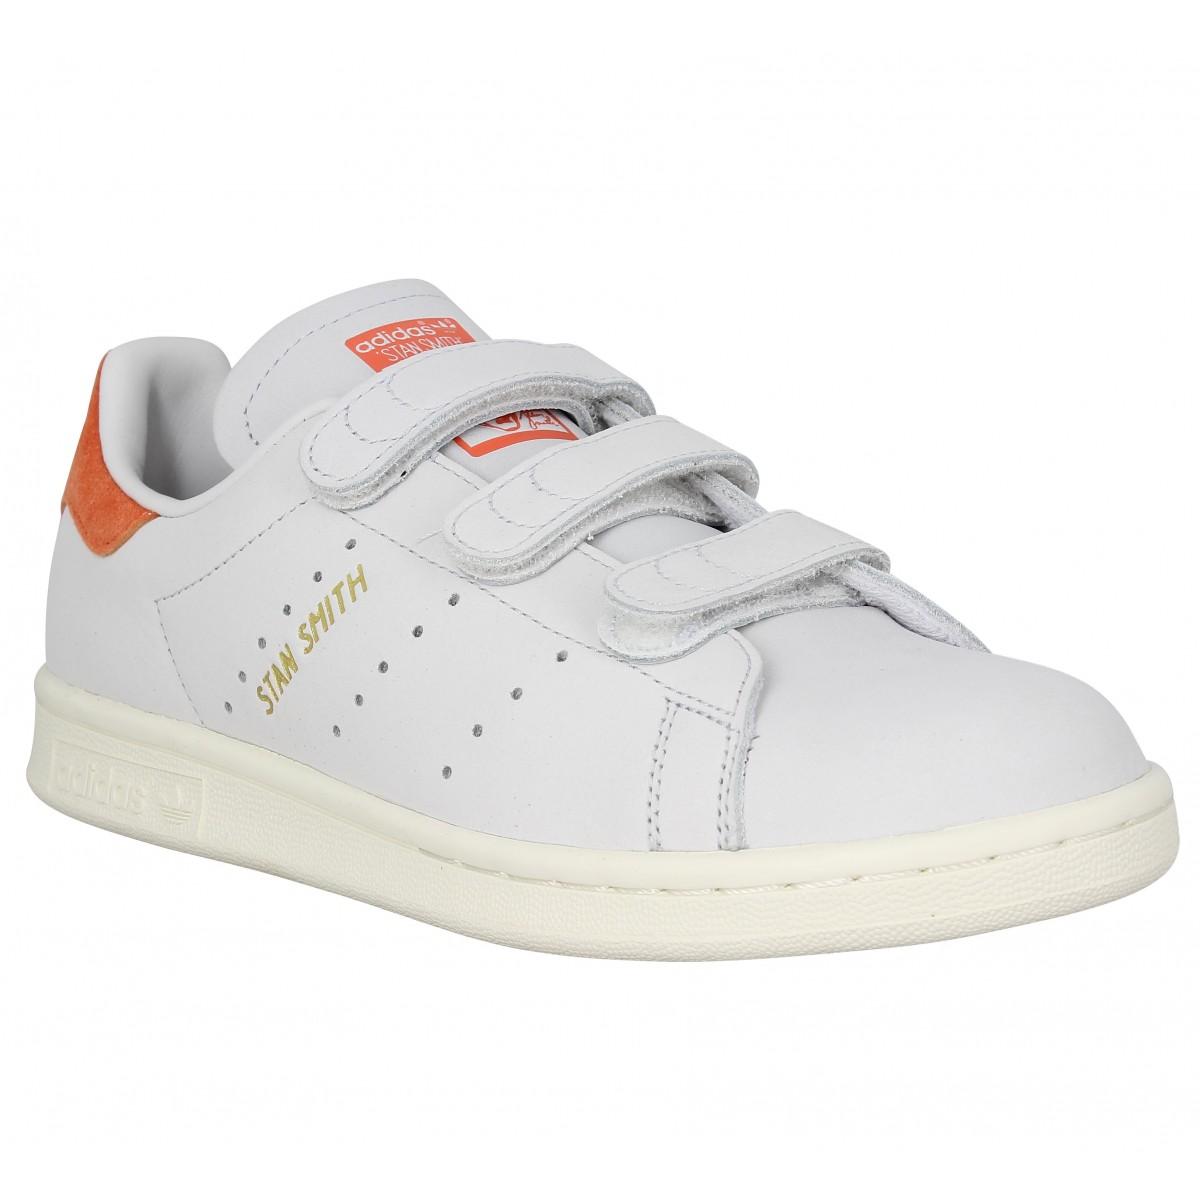 debf8347466fe Trouvez Nike Chaussures de course et baskets à des prix abordables. basket  femme scratch adidas France Vente. Achetez les nouvelles baskets Nike pour  hommes ...